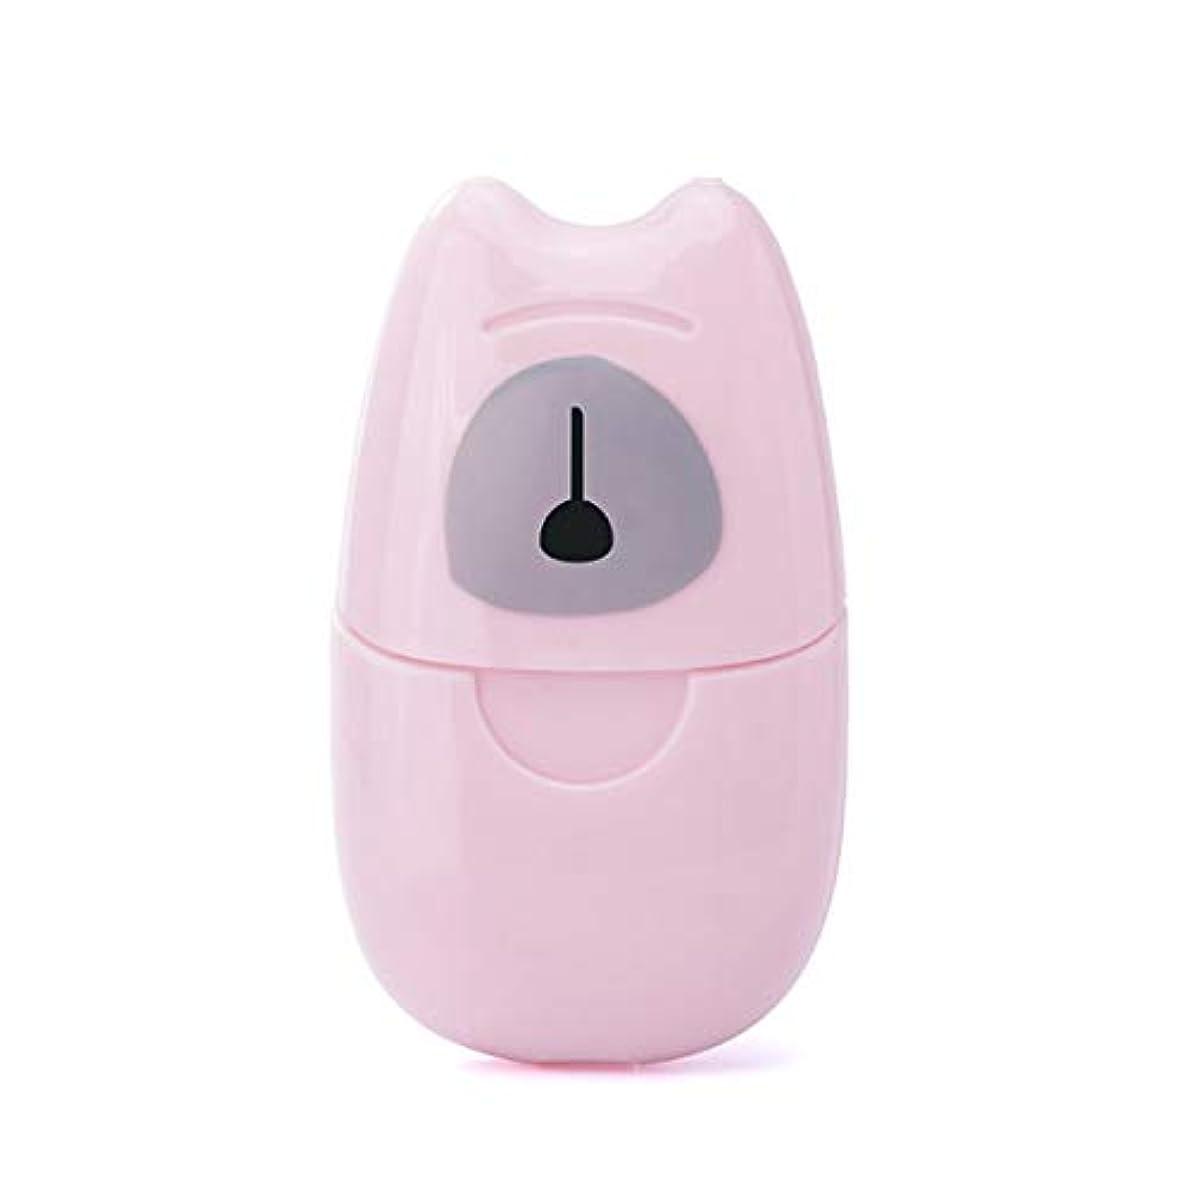 バブルシニスふつうBirdlantern箱入り石鹸紙旅行ポータブル屋外手洗い石鹸香りスライスシート50ピースミニ石鹸紙でプラスチックボックス